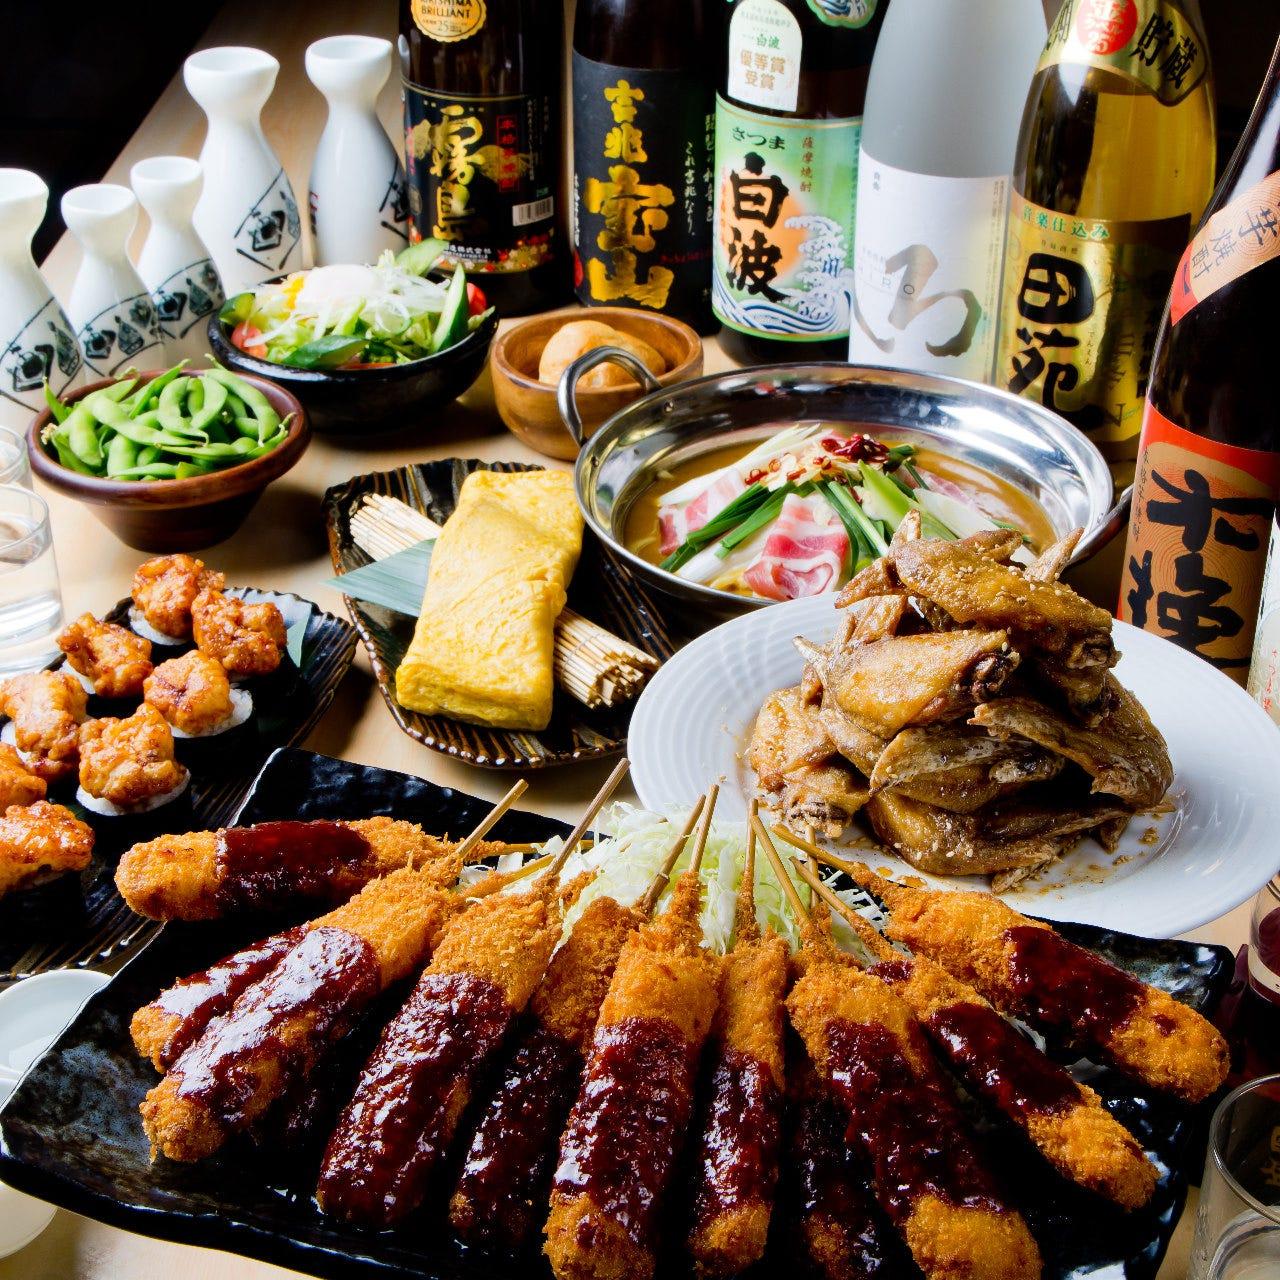 名古屋名物料理を揃えた手羽先、味噌串カツ食べ放題コース!!